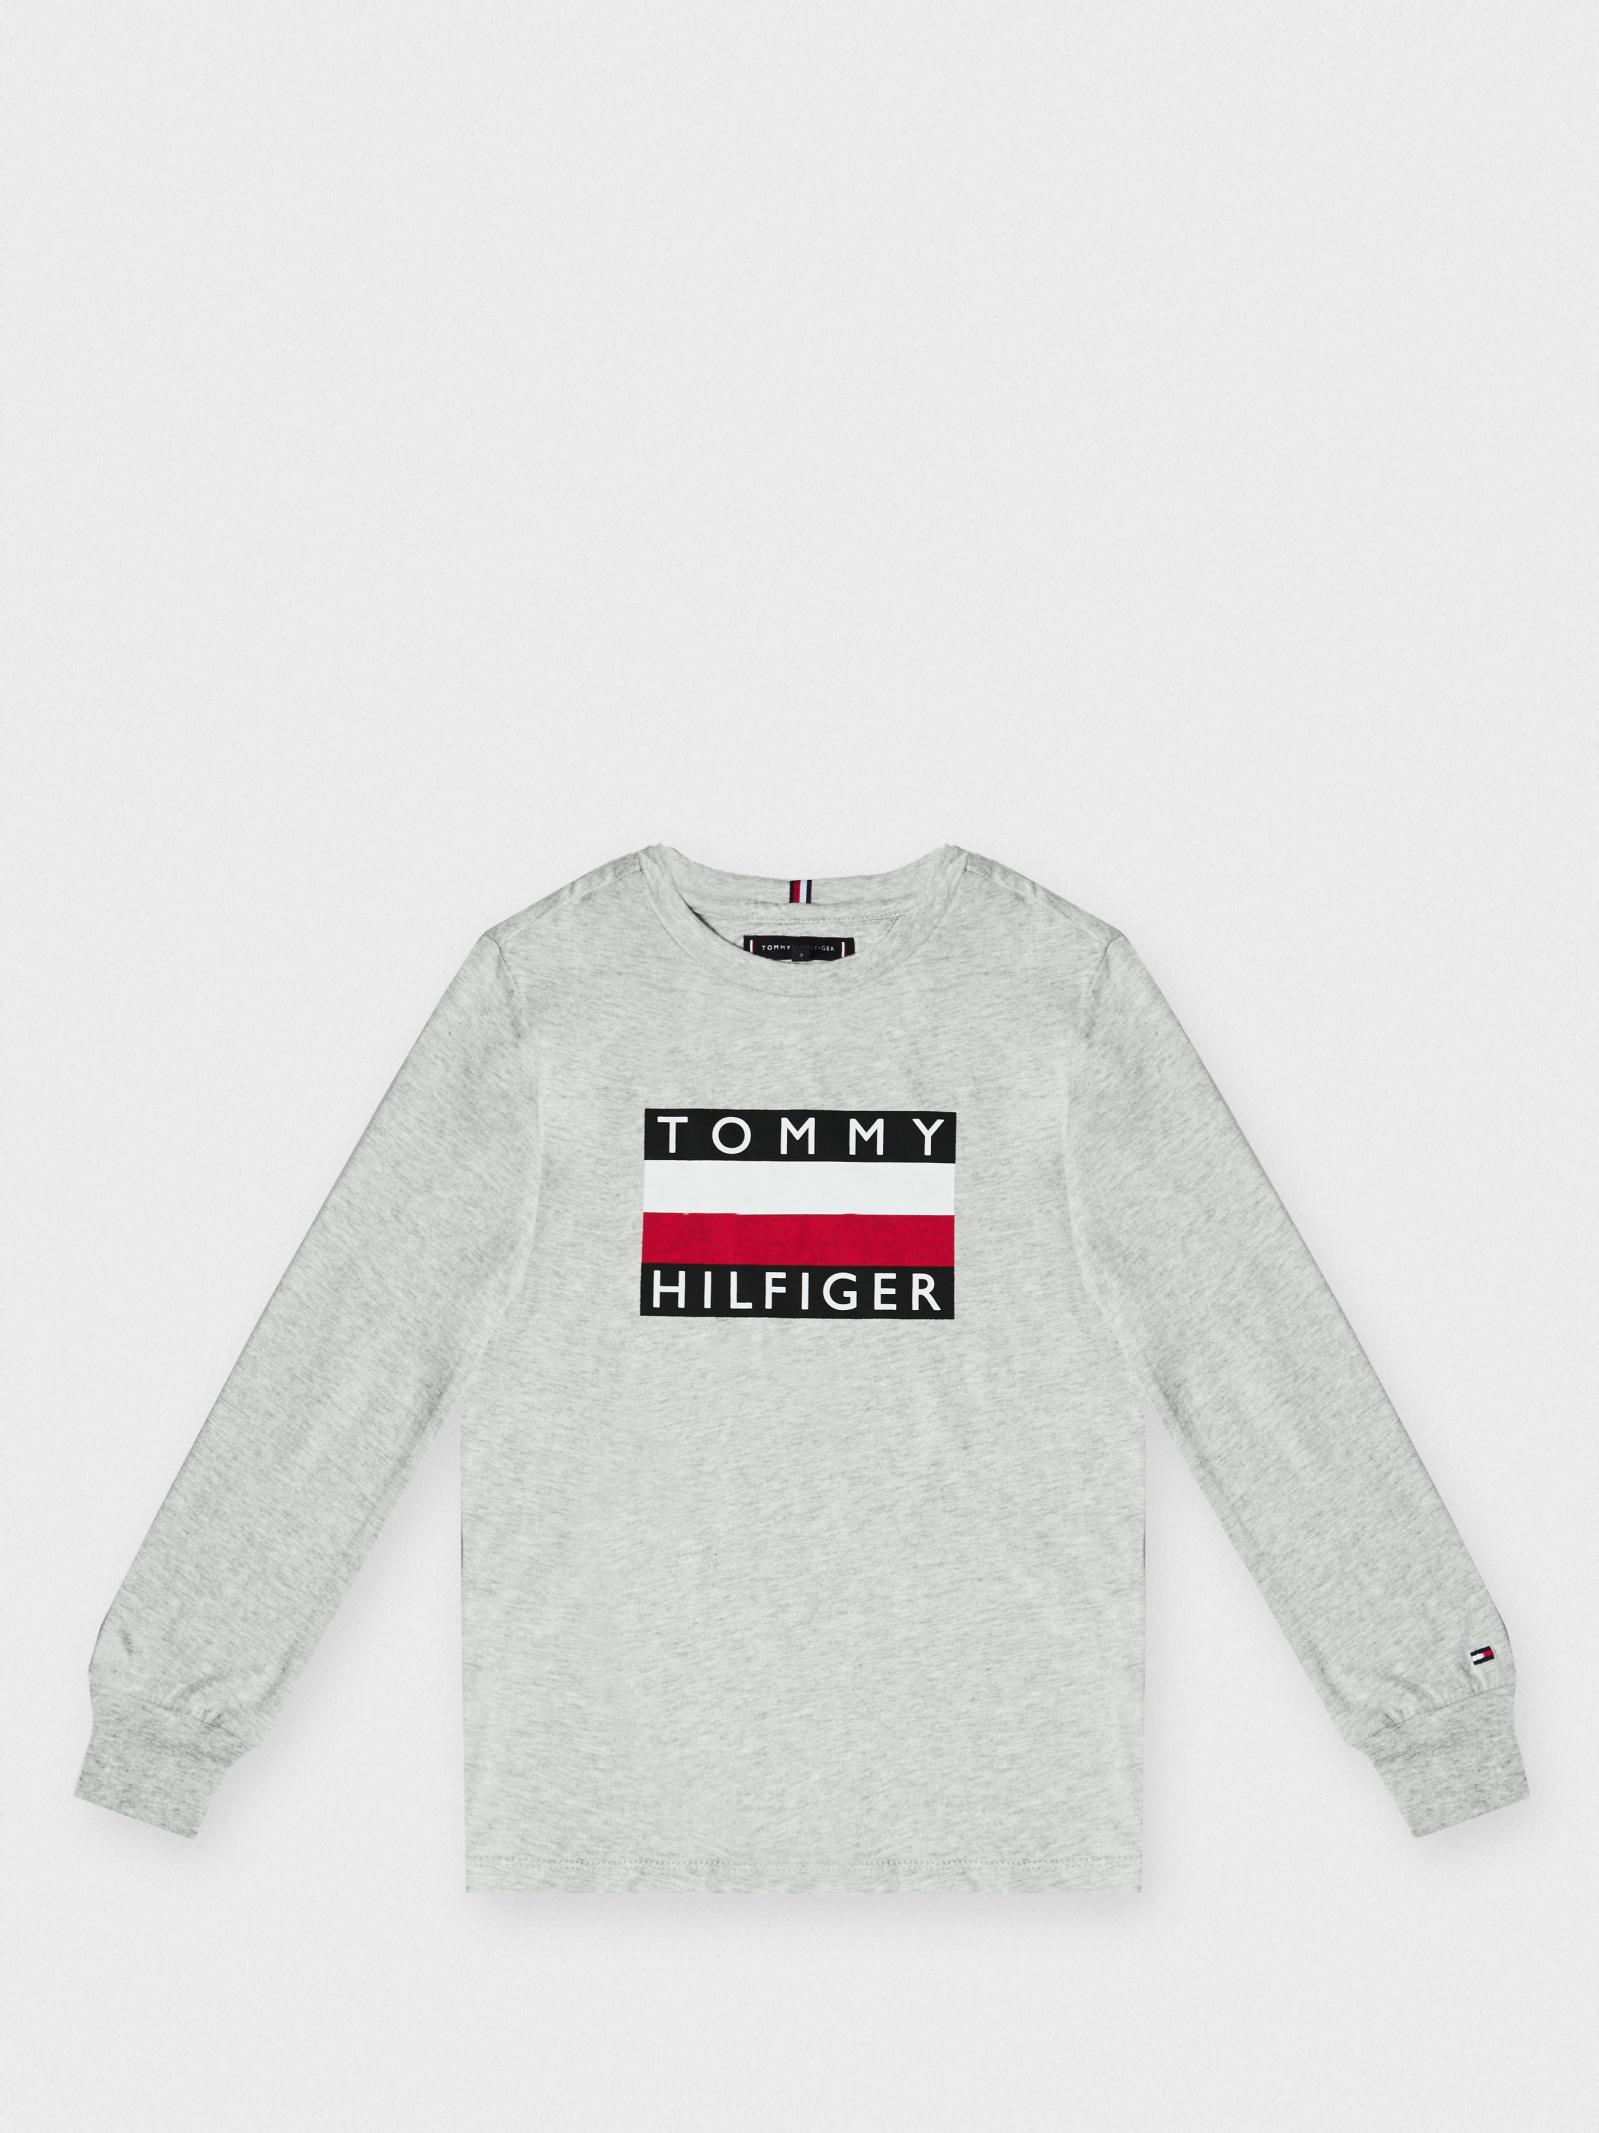 Кофты и свитера детские Tommy Hilfiger модель CC2 характеристики, 2017